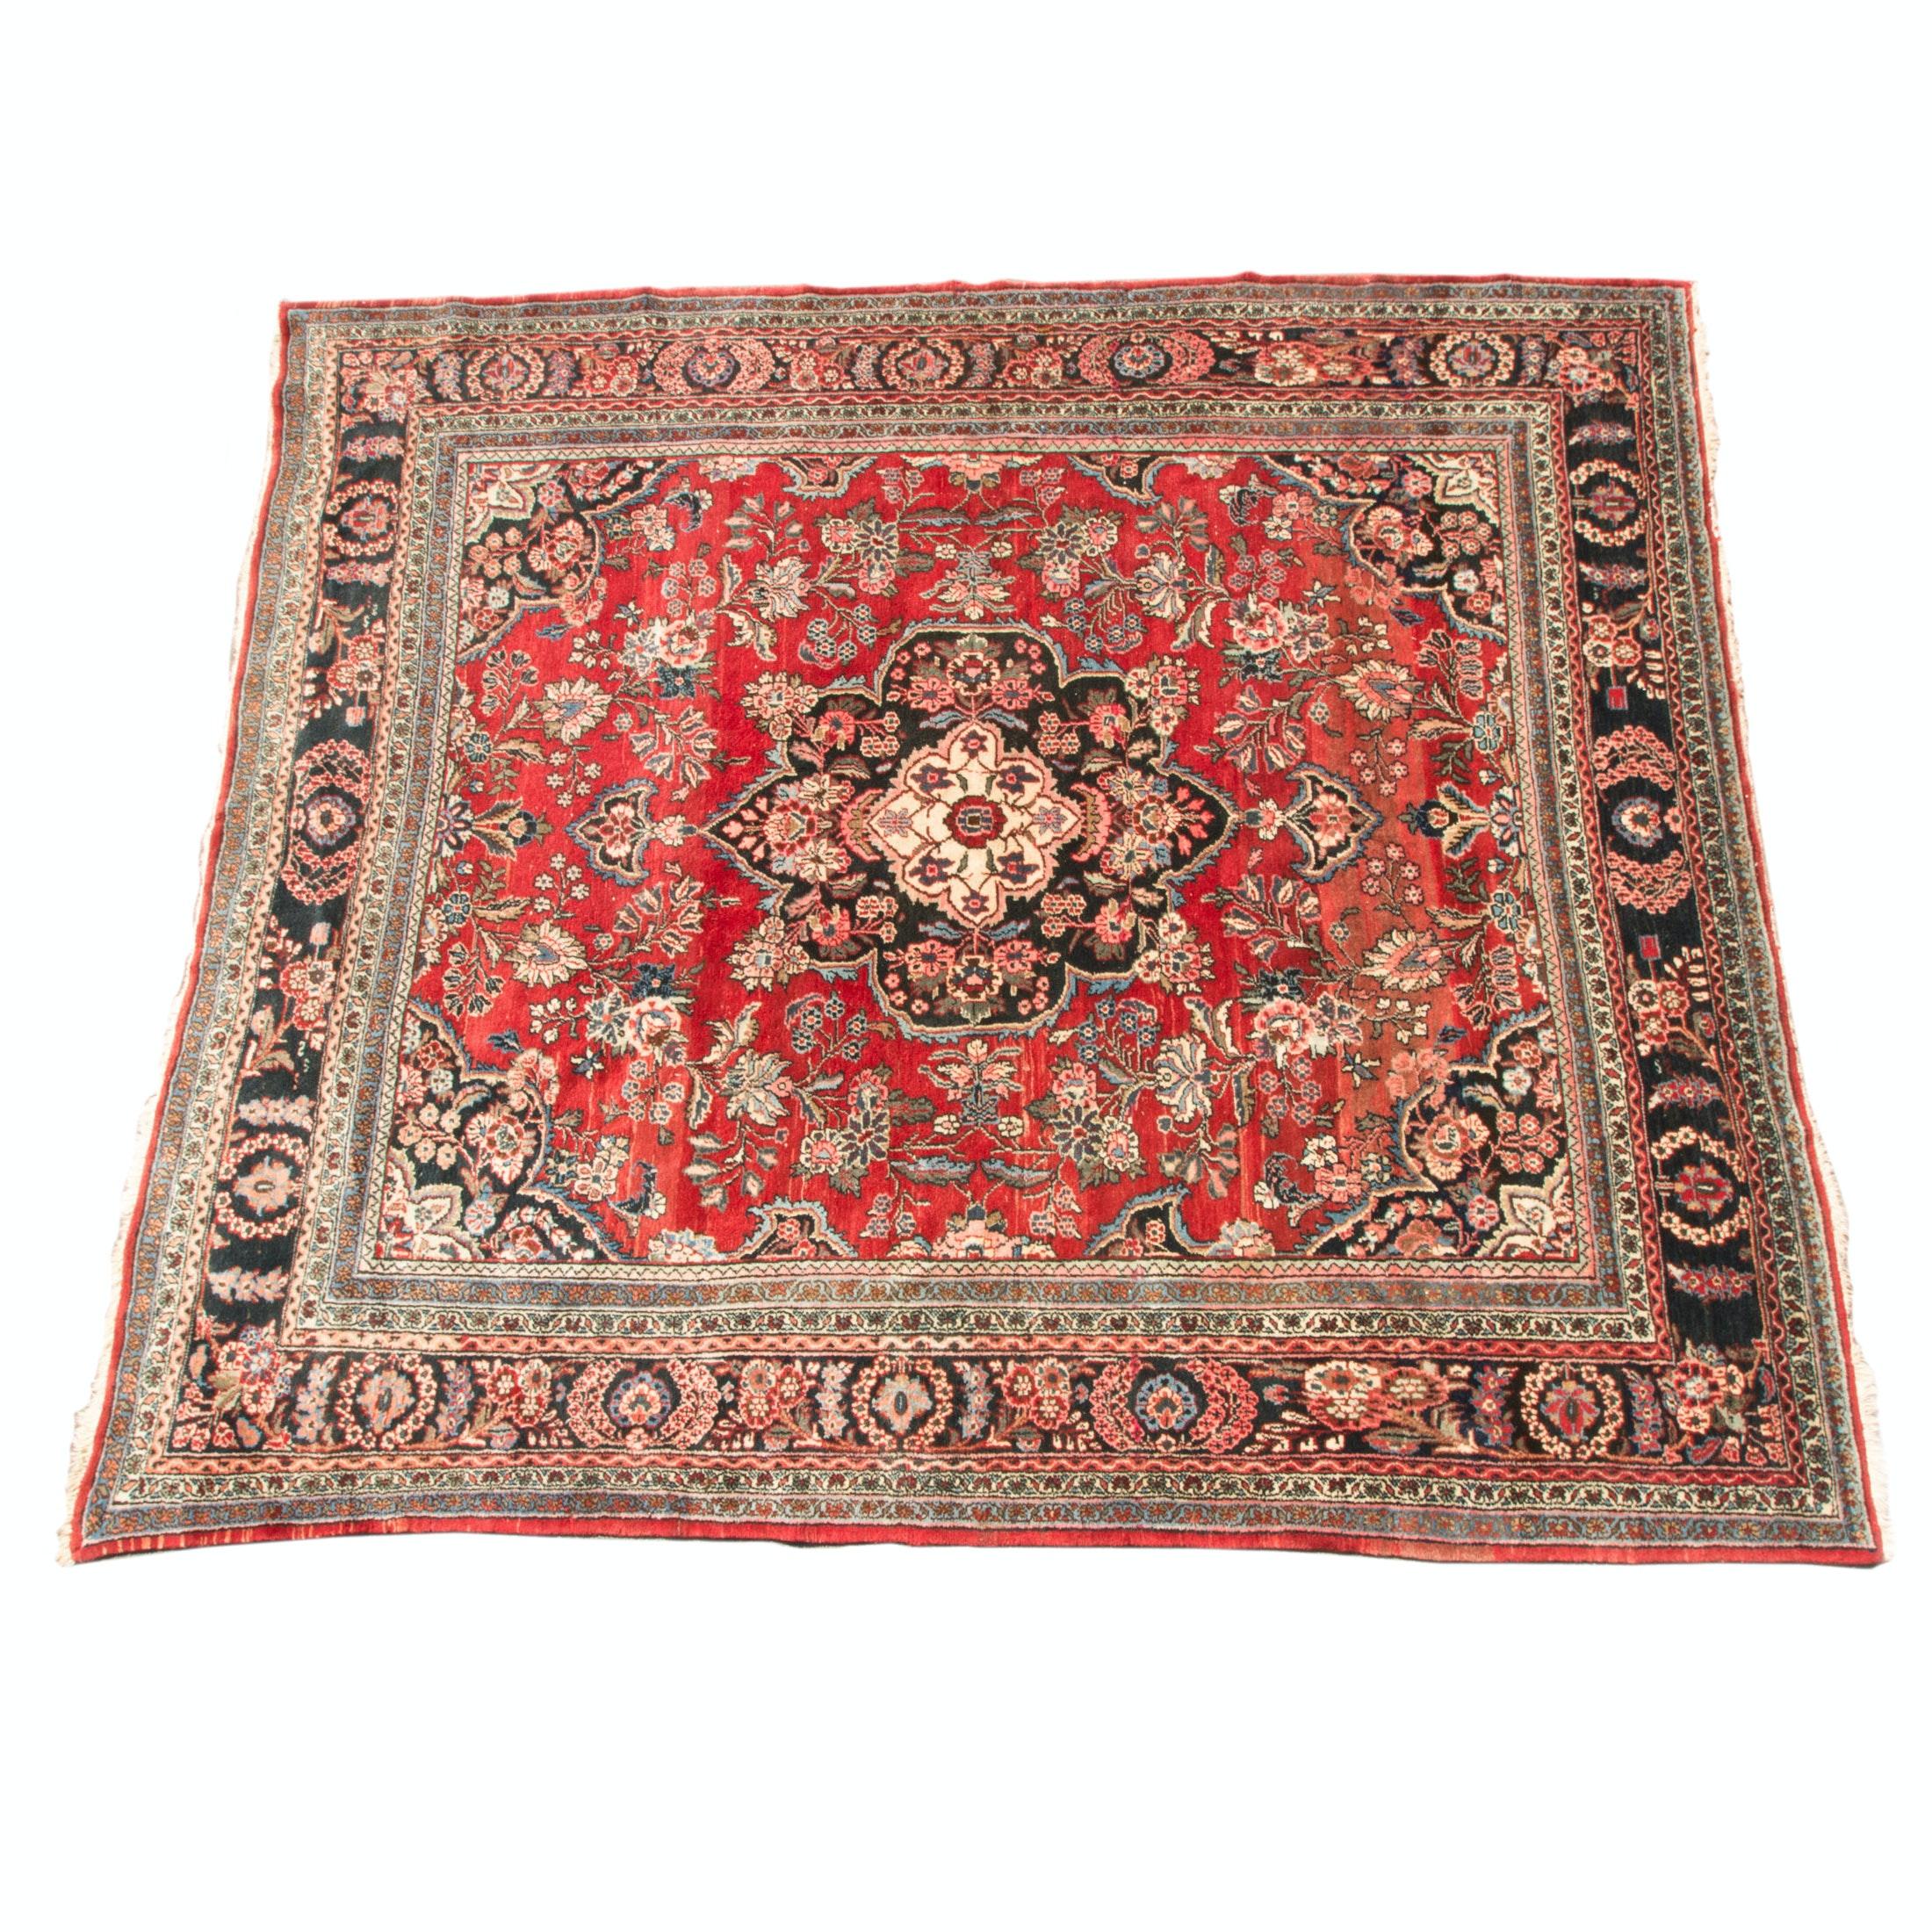 Hand Woven Persian Khoye Style Area Rug